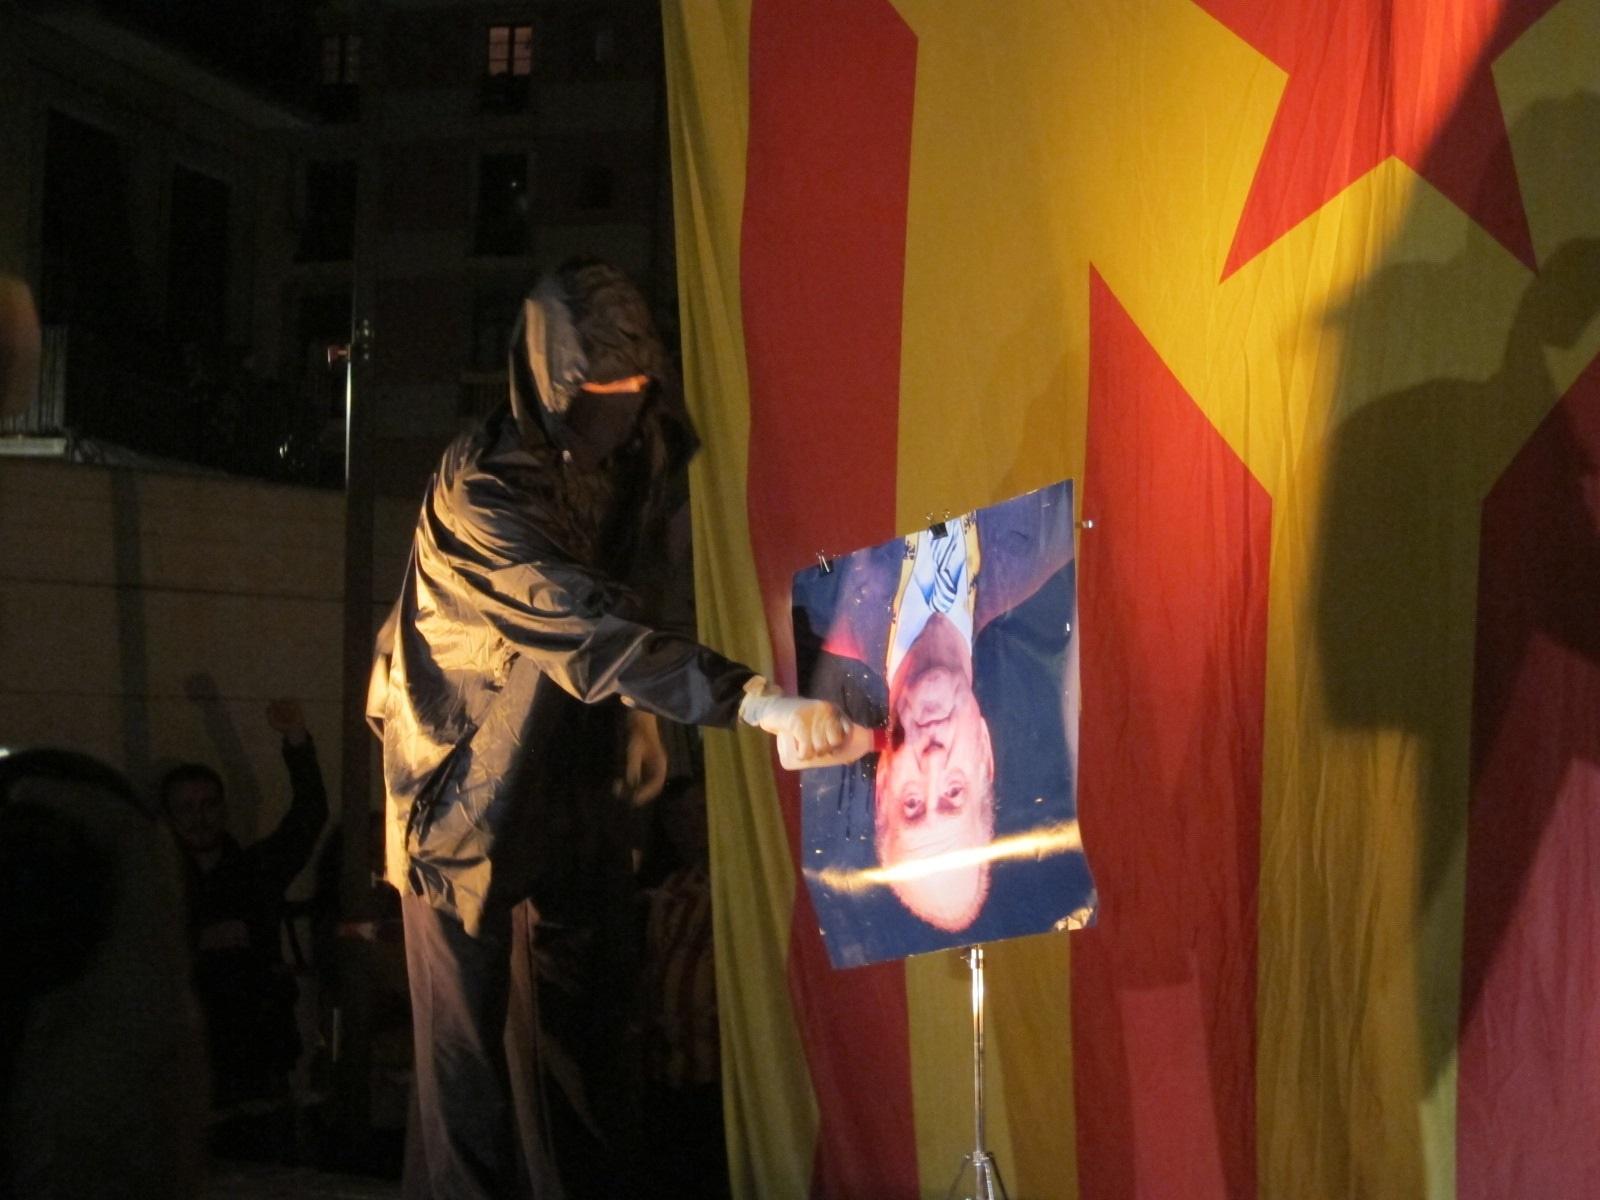 Queman un retrato del Rey bocabajo y una bandera española tras la manifestación anticapitalista